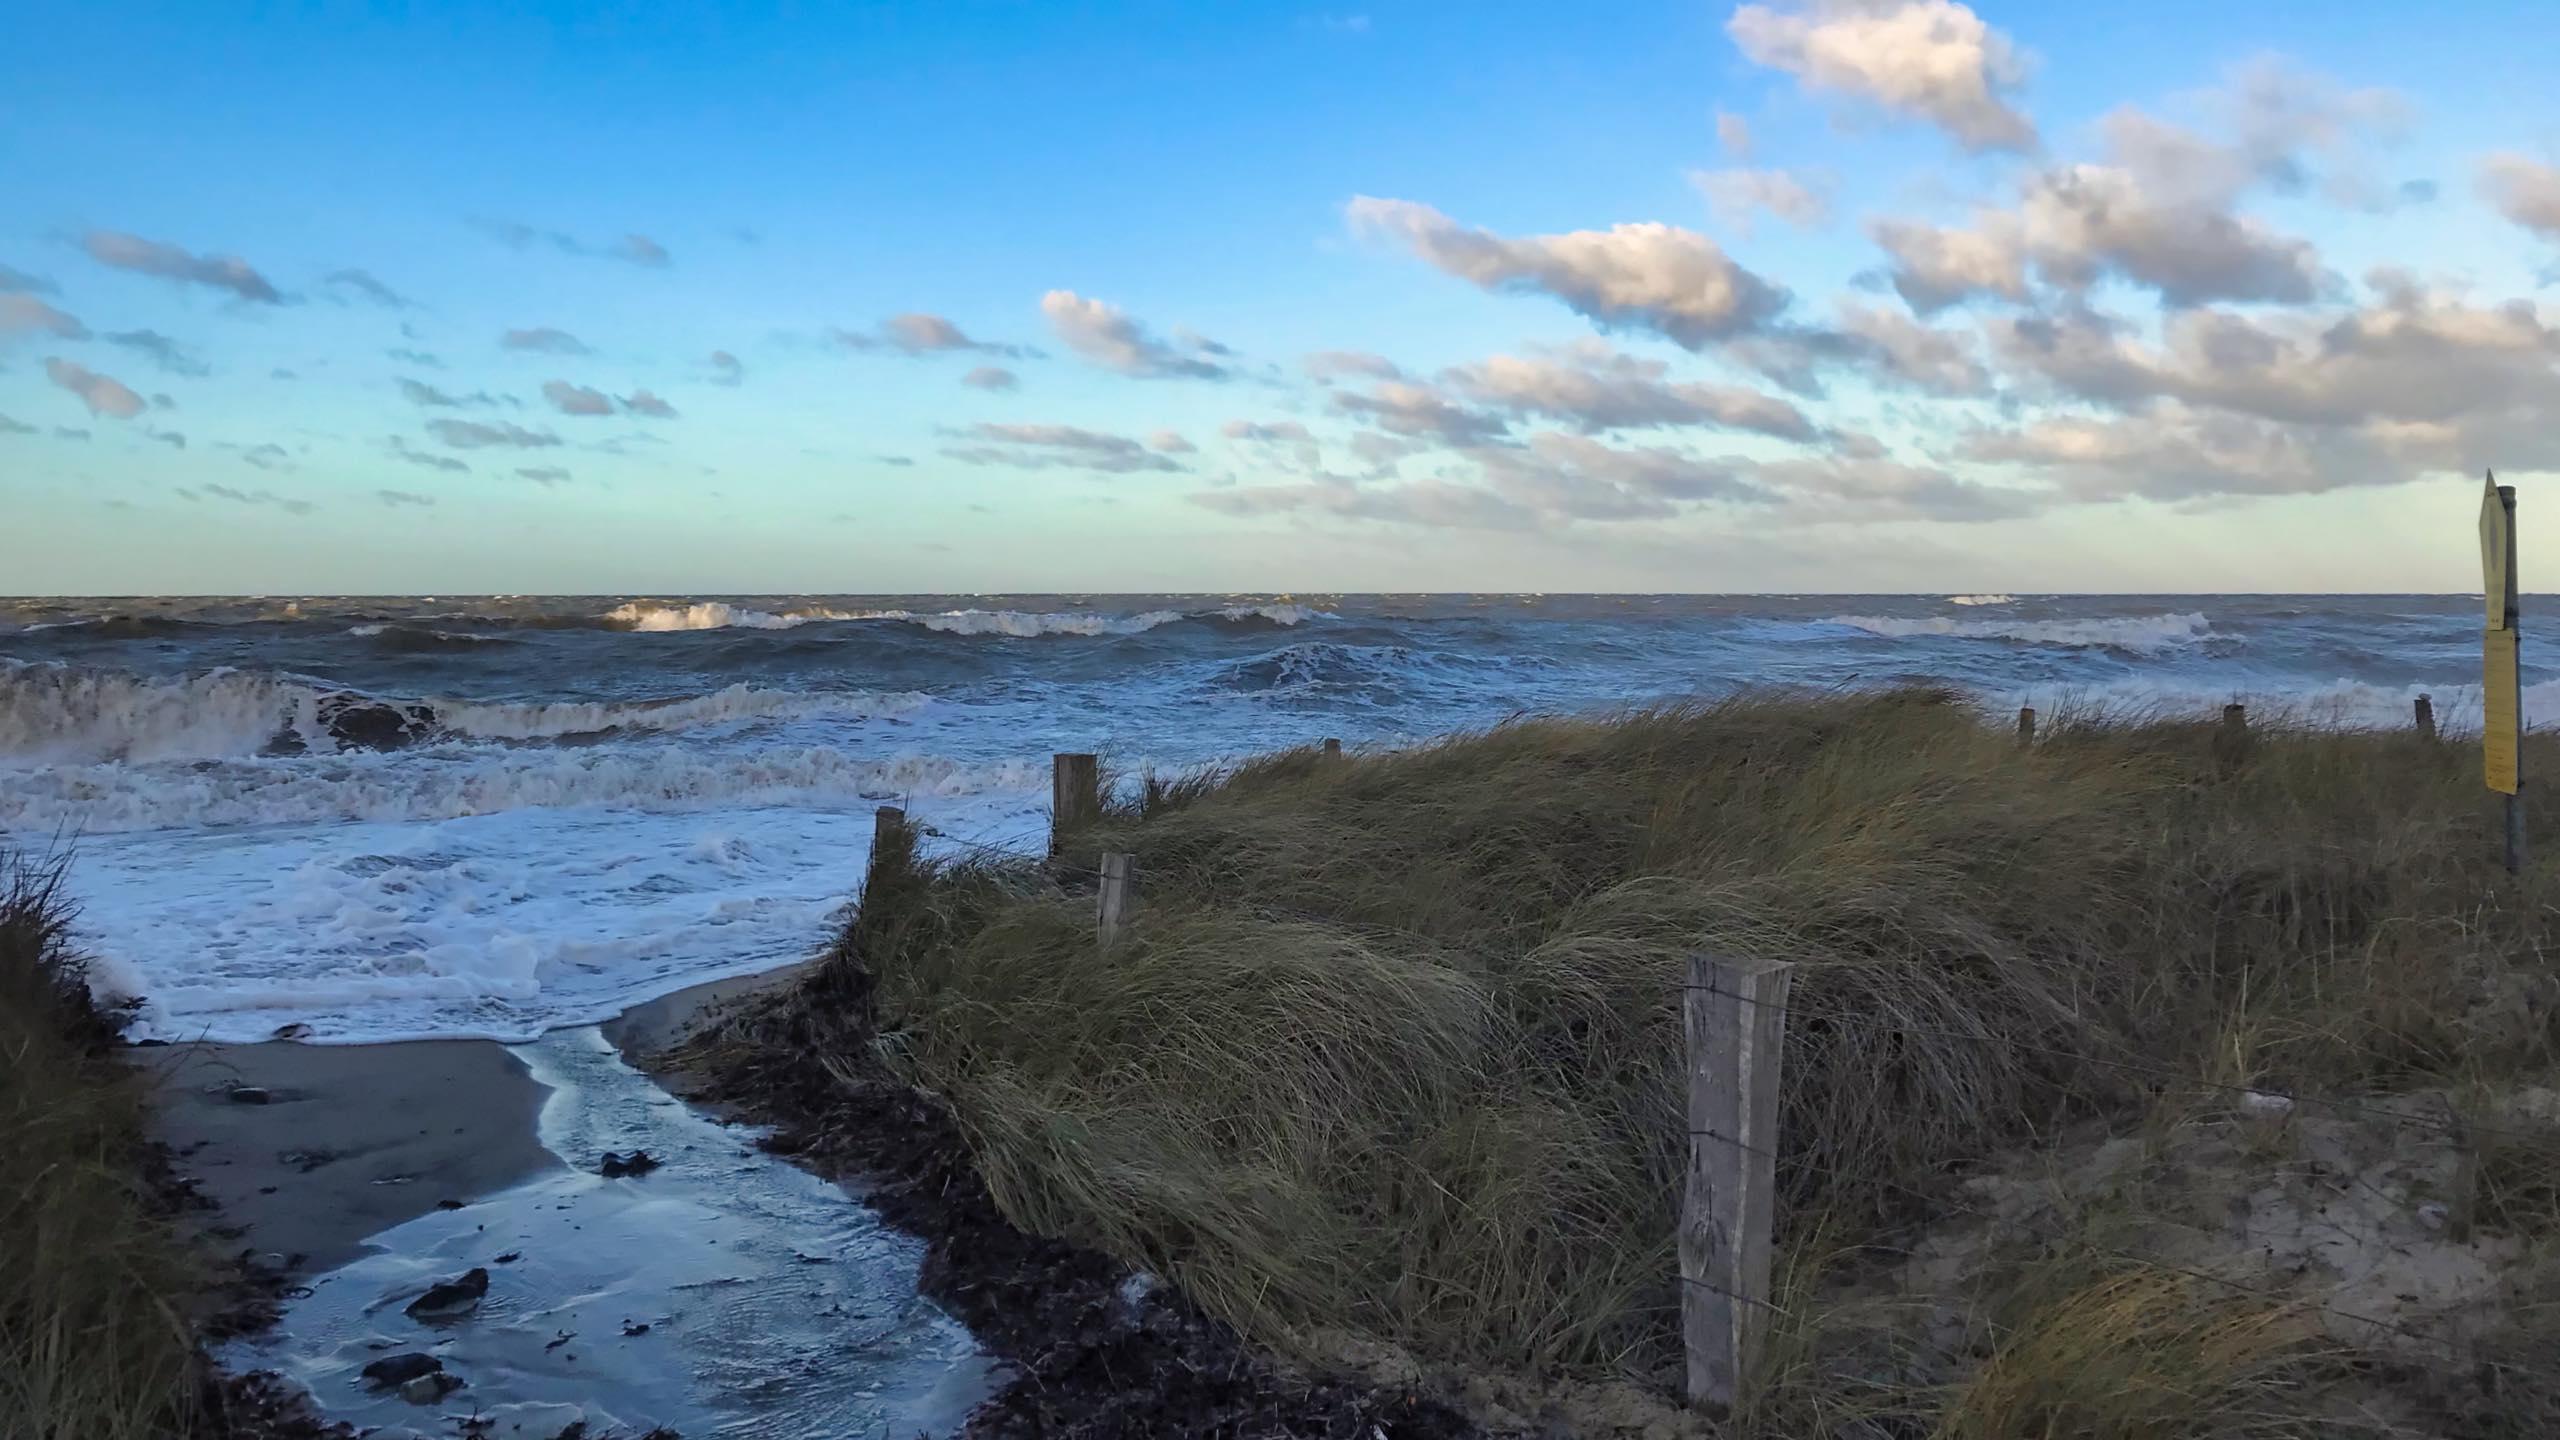 Raue Nordseebrandung, Ostseewellen treffen in der Bucht auf den Naturstrand.